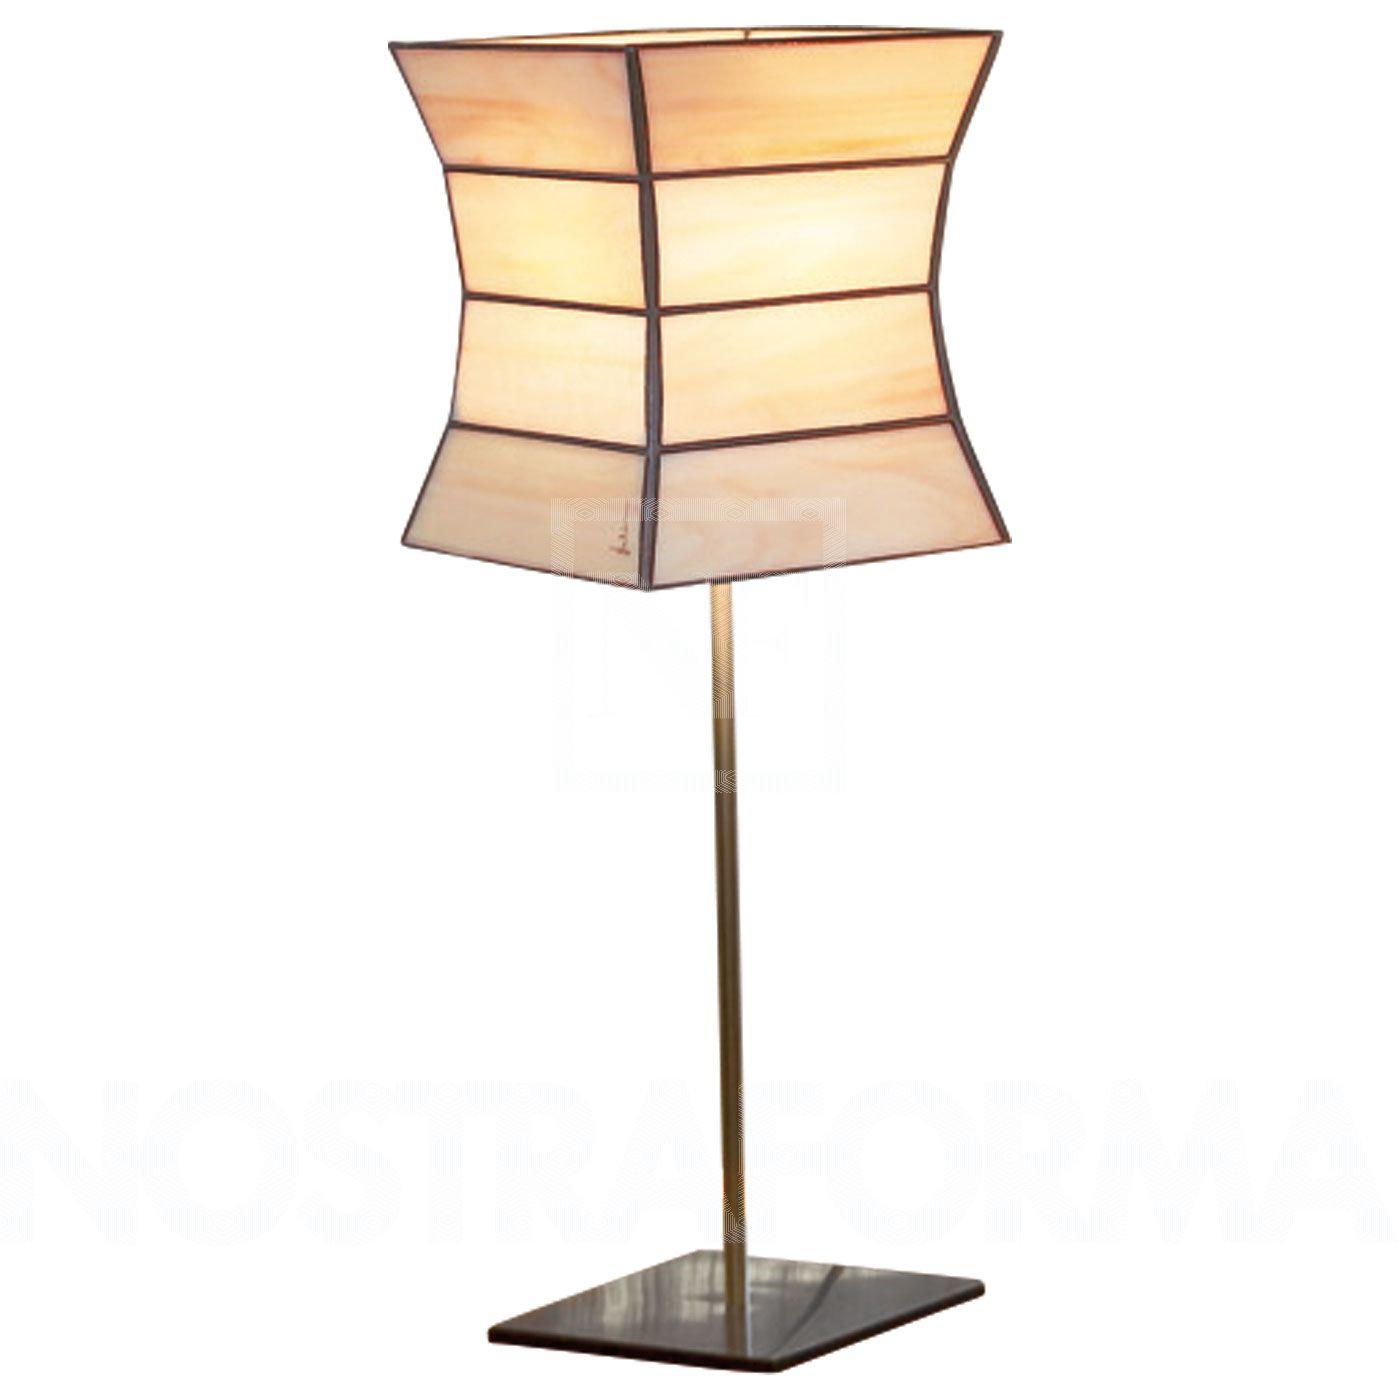 Arturo alvarez senda table lamp sn01 l mparas de dise o - Lamparas arturo alvarez ...